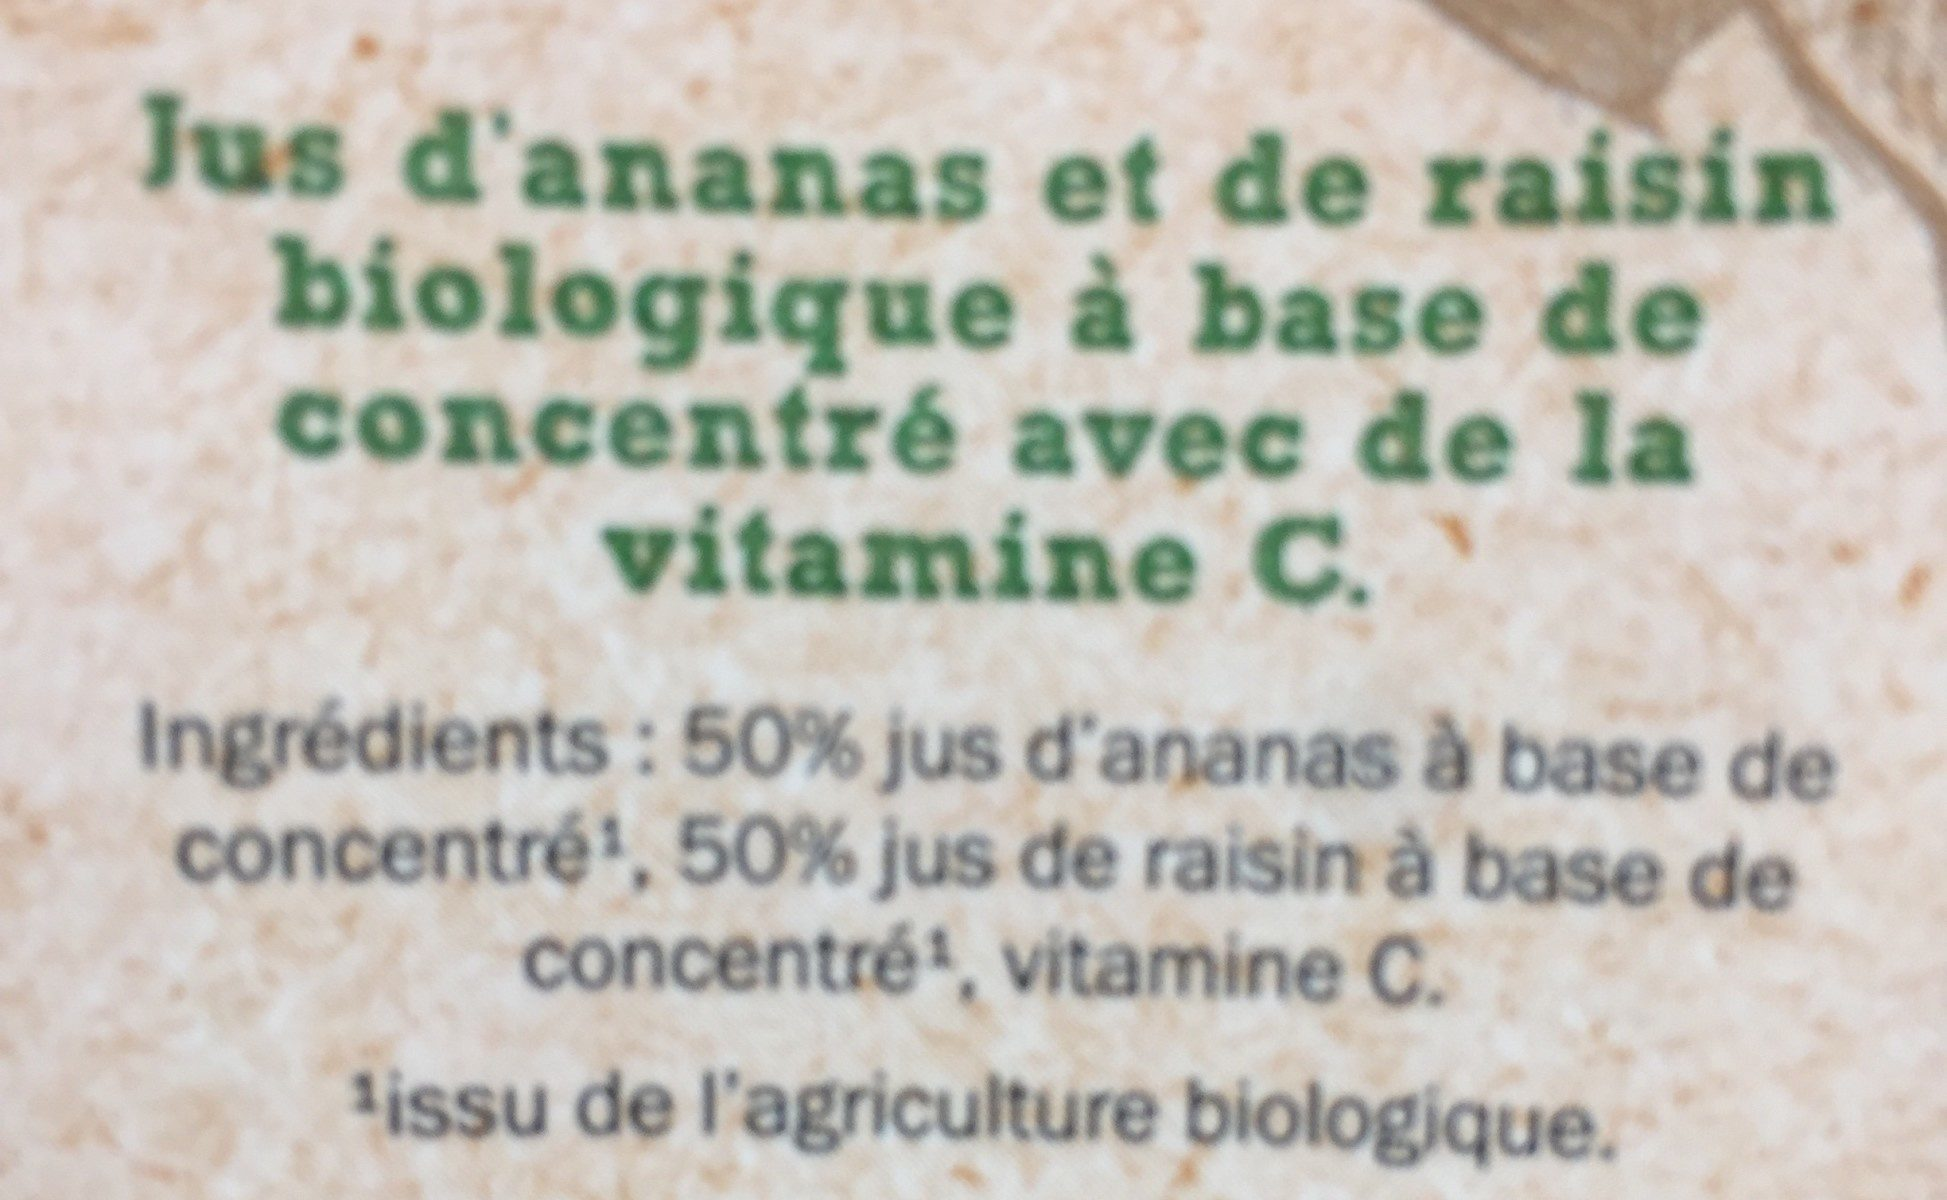 Jus ananas raisinà base de concentré - Ingrédients - fr